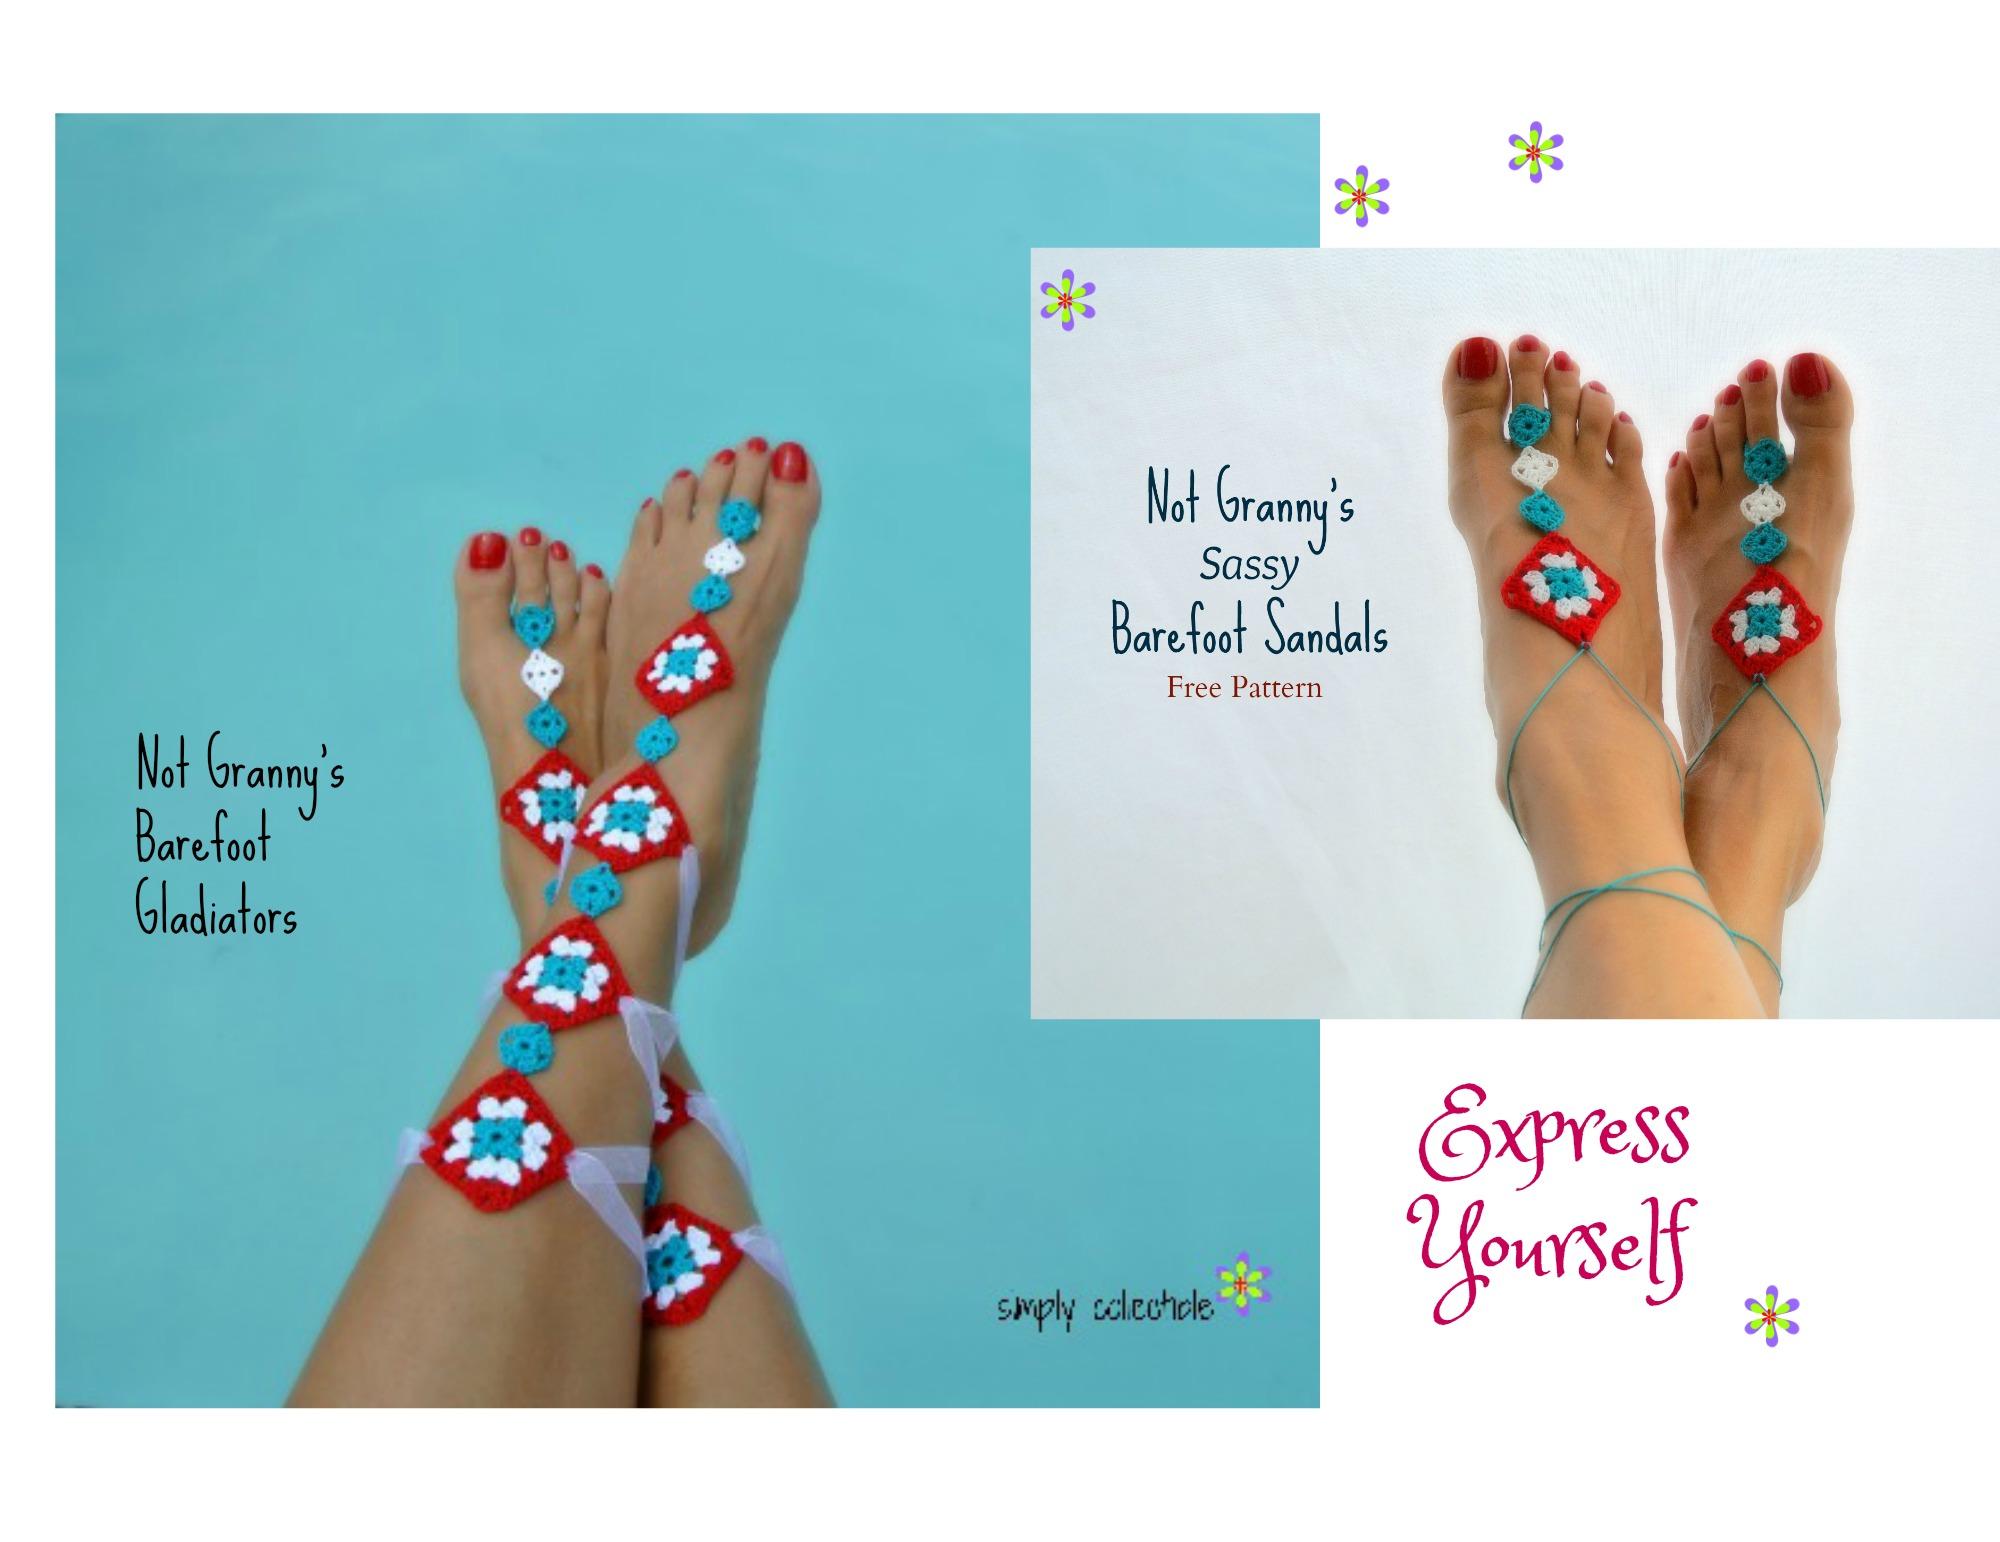 Express Yourself Summer Fun Free Barefoot Sandals Crochet